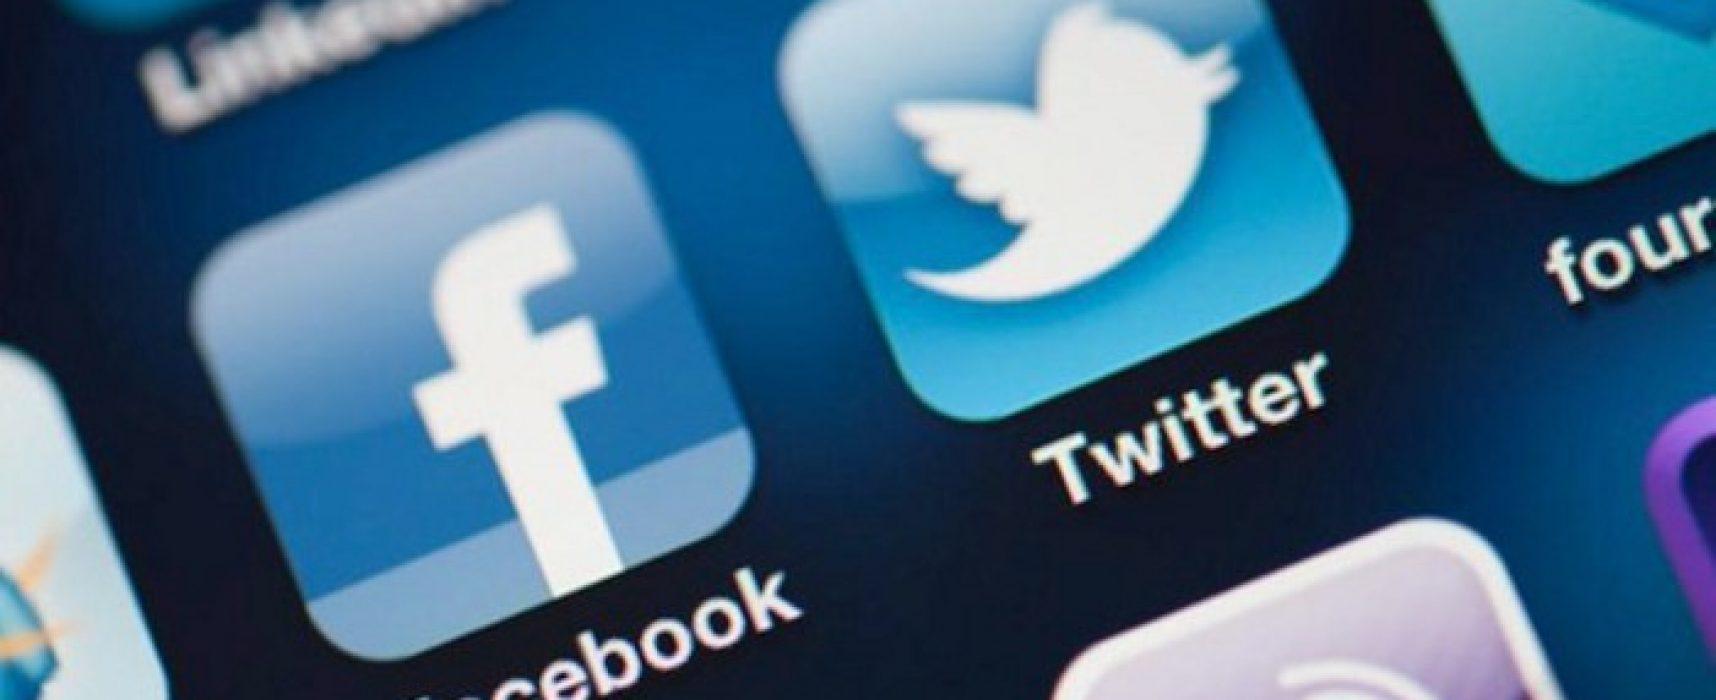 Facebook detuvo campañas de desinformación ligadas a Irán y Rusia